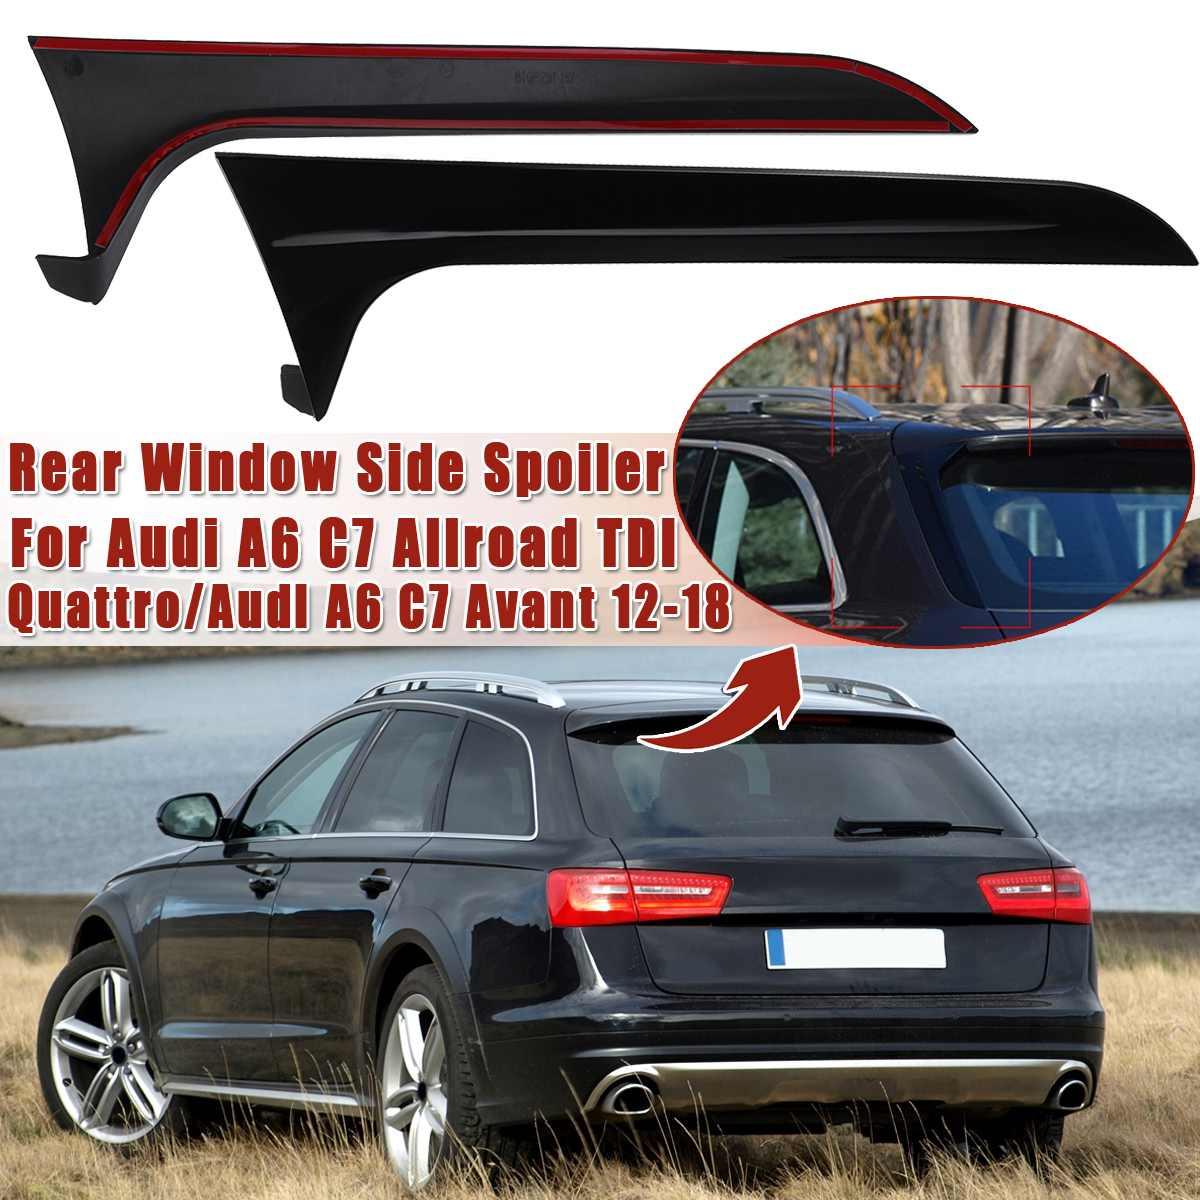 Arrière derrière fenêtre Spoiler bande latérale garniture de couverture Kit de Refit extérieur adapté pour Audi A6 C7 Allroad TDI Quattro/pour Avant 2012-2018